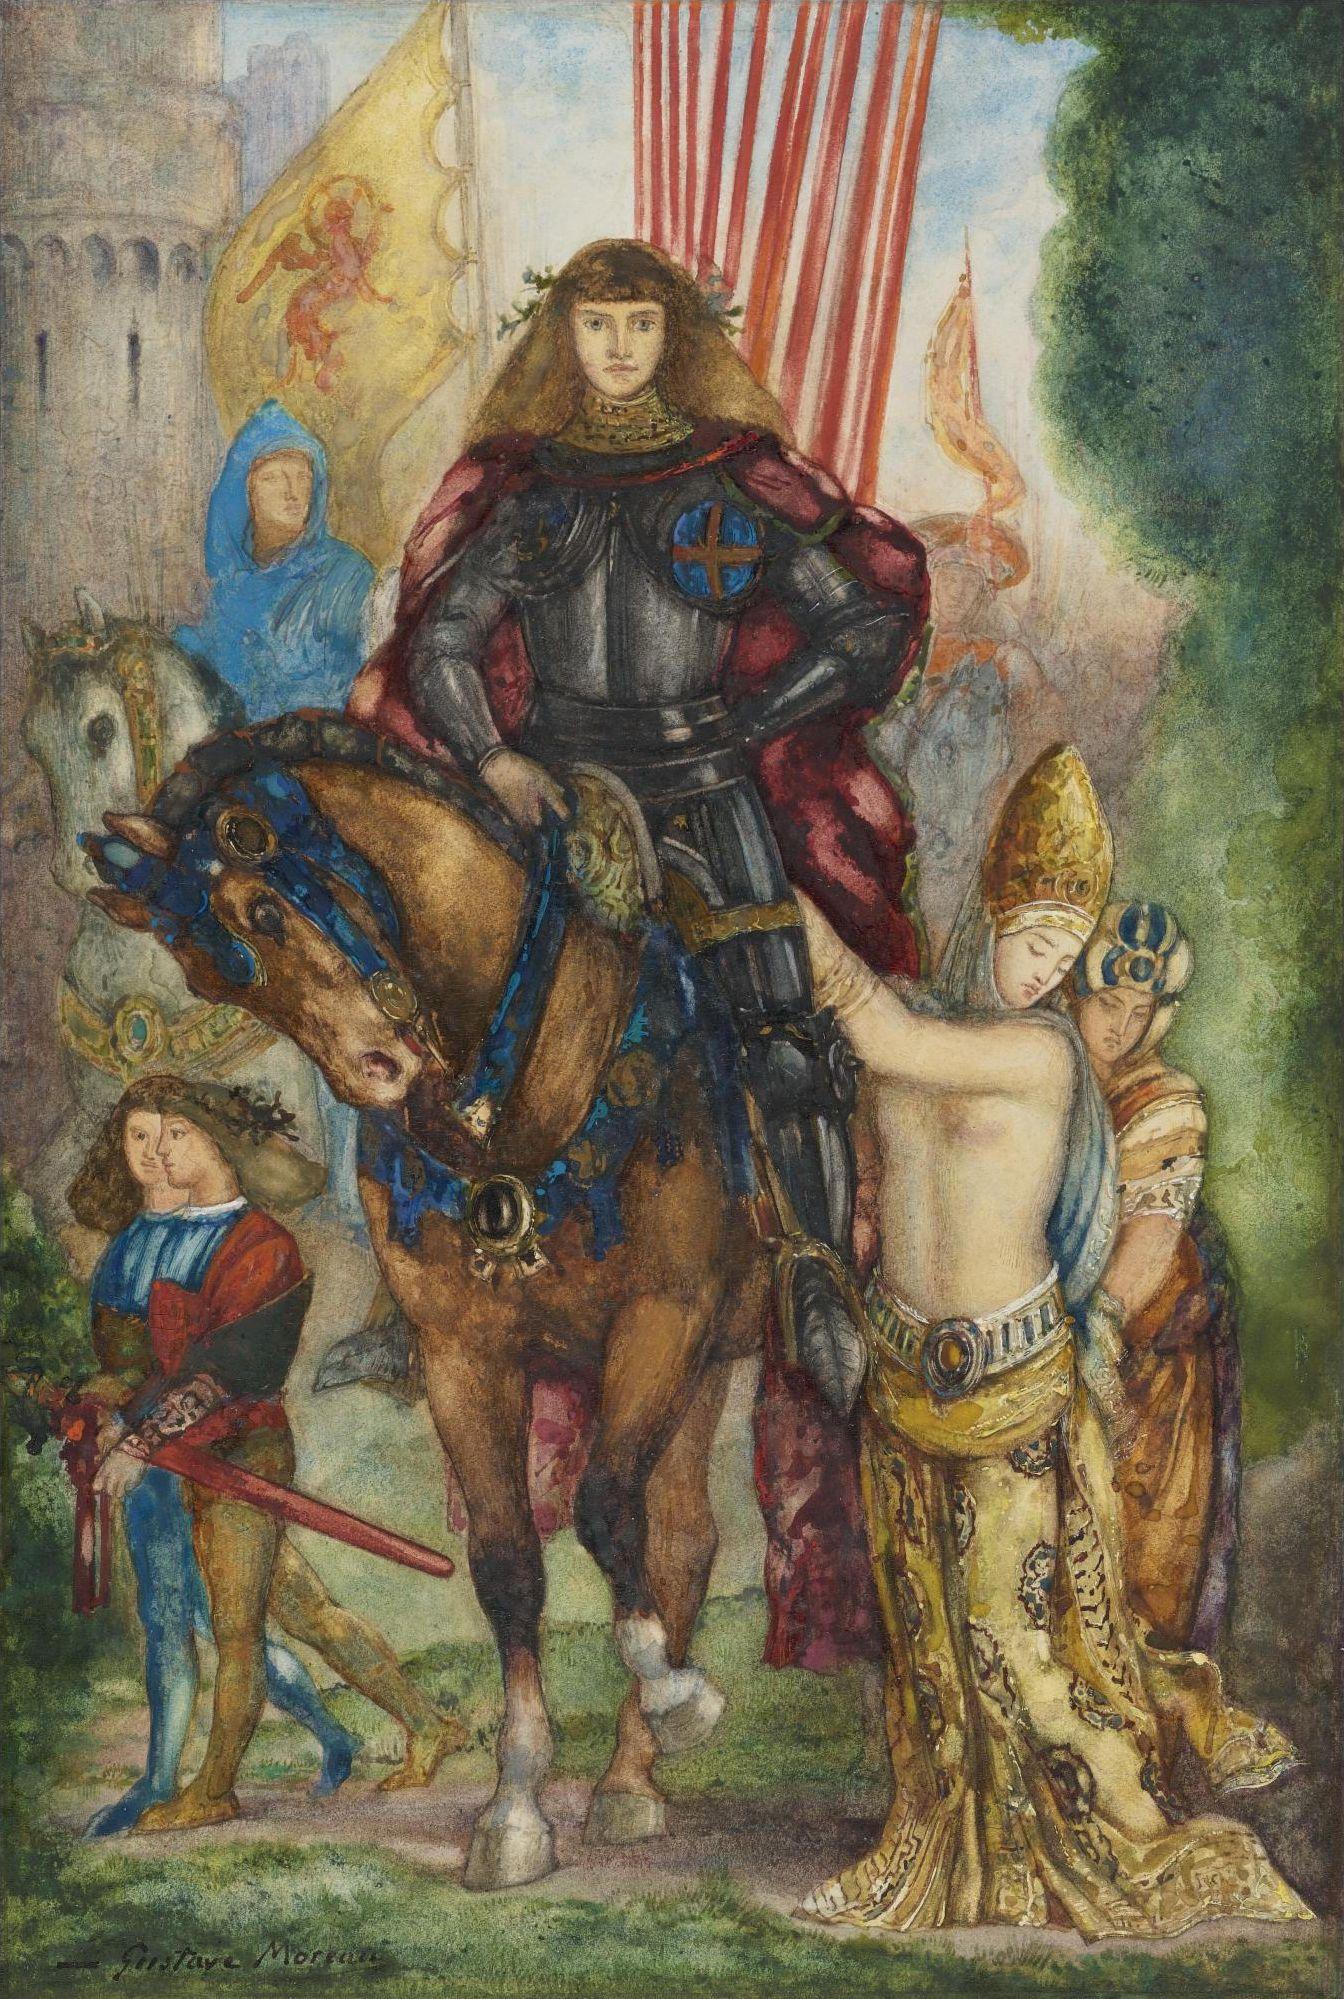 Рыцарь и пленницы (31.5 х 21.3 см) (акварель и гуашь) (частное собрание)